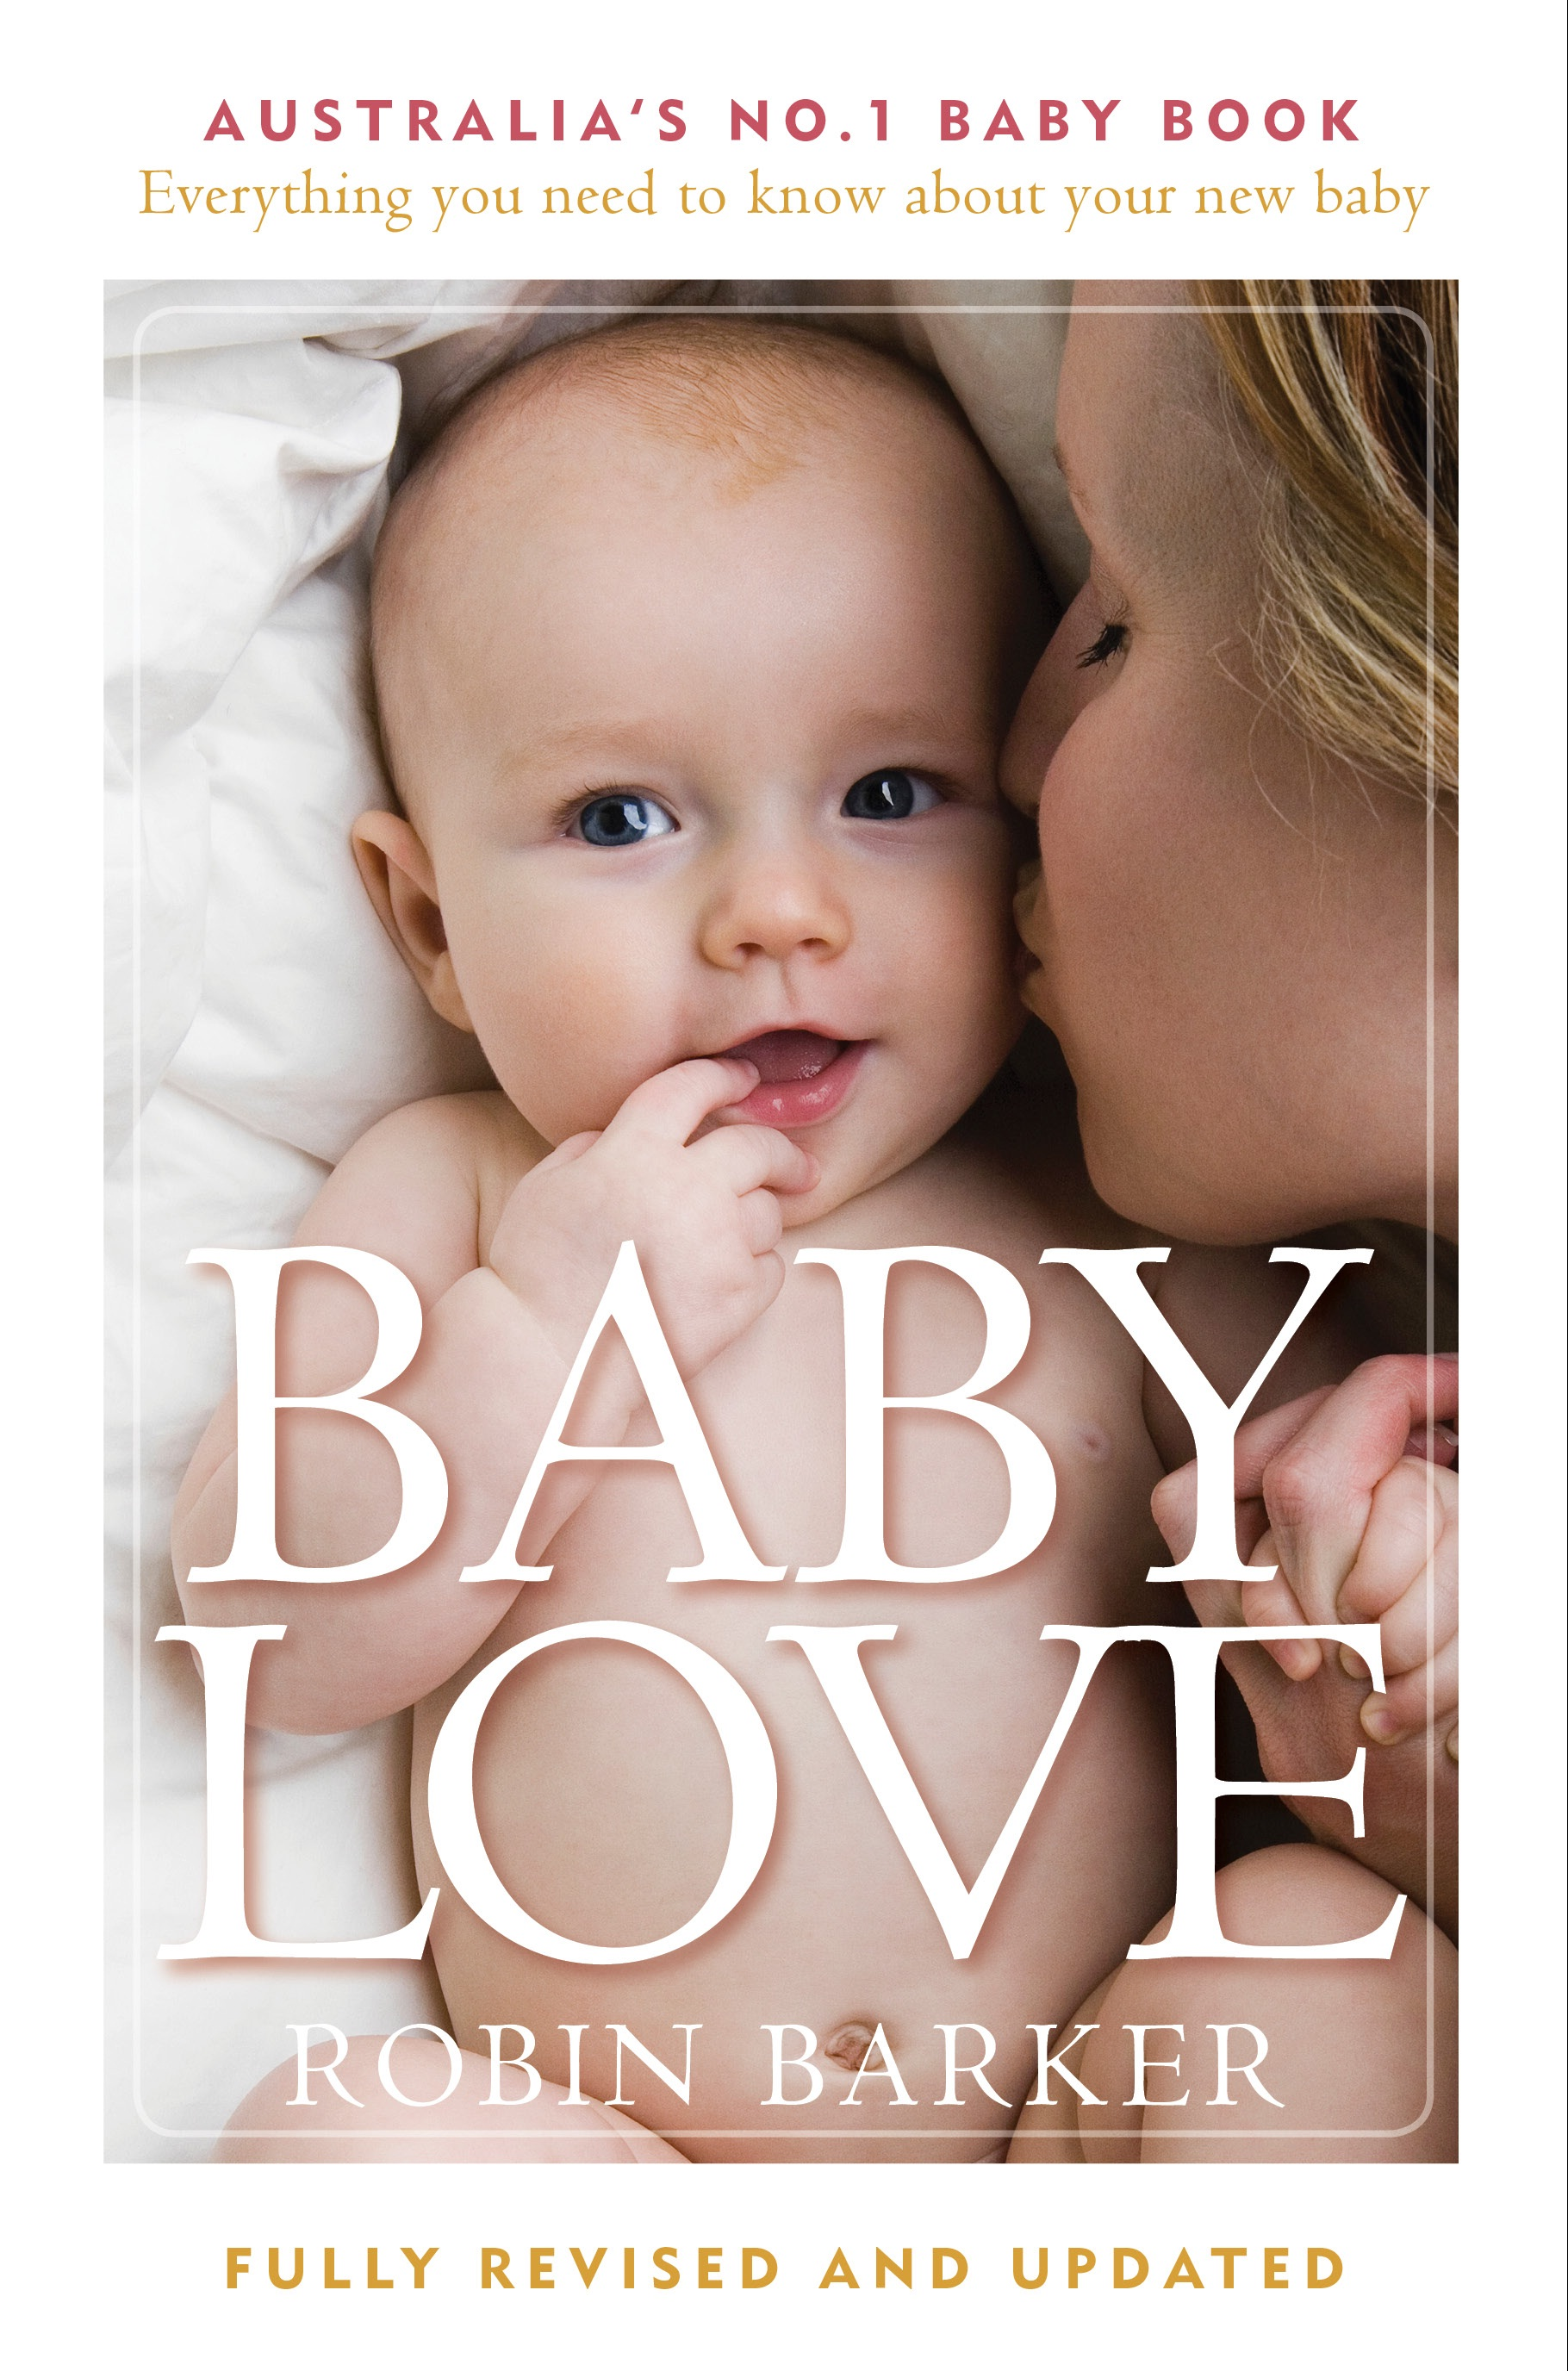 Robin barker baby love